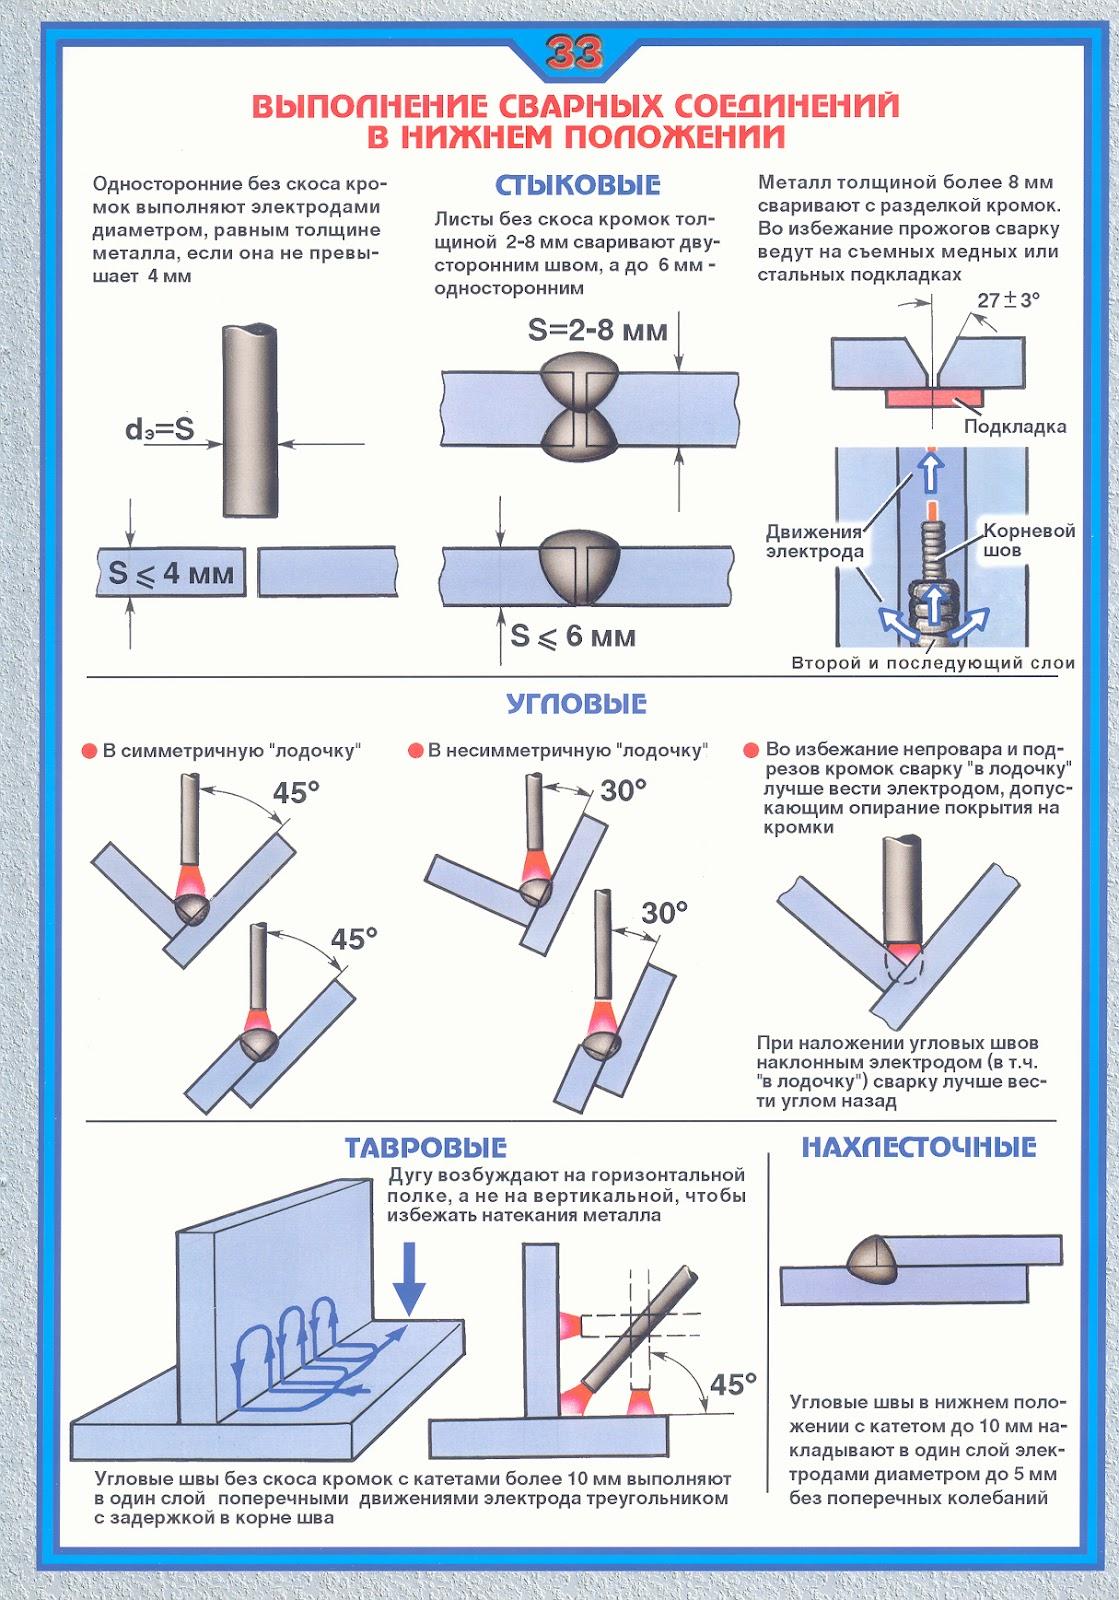 Сварка металлоконструкций, начиная от составления технологической карты и заканчивая проверкой качества